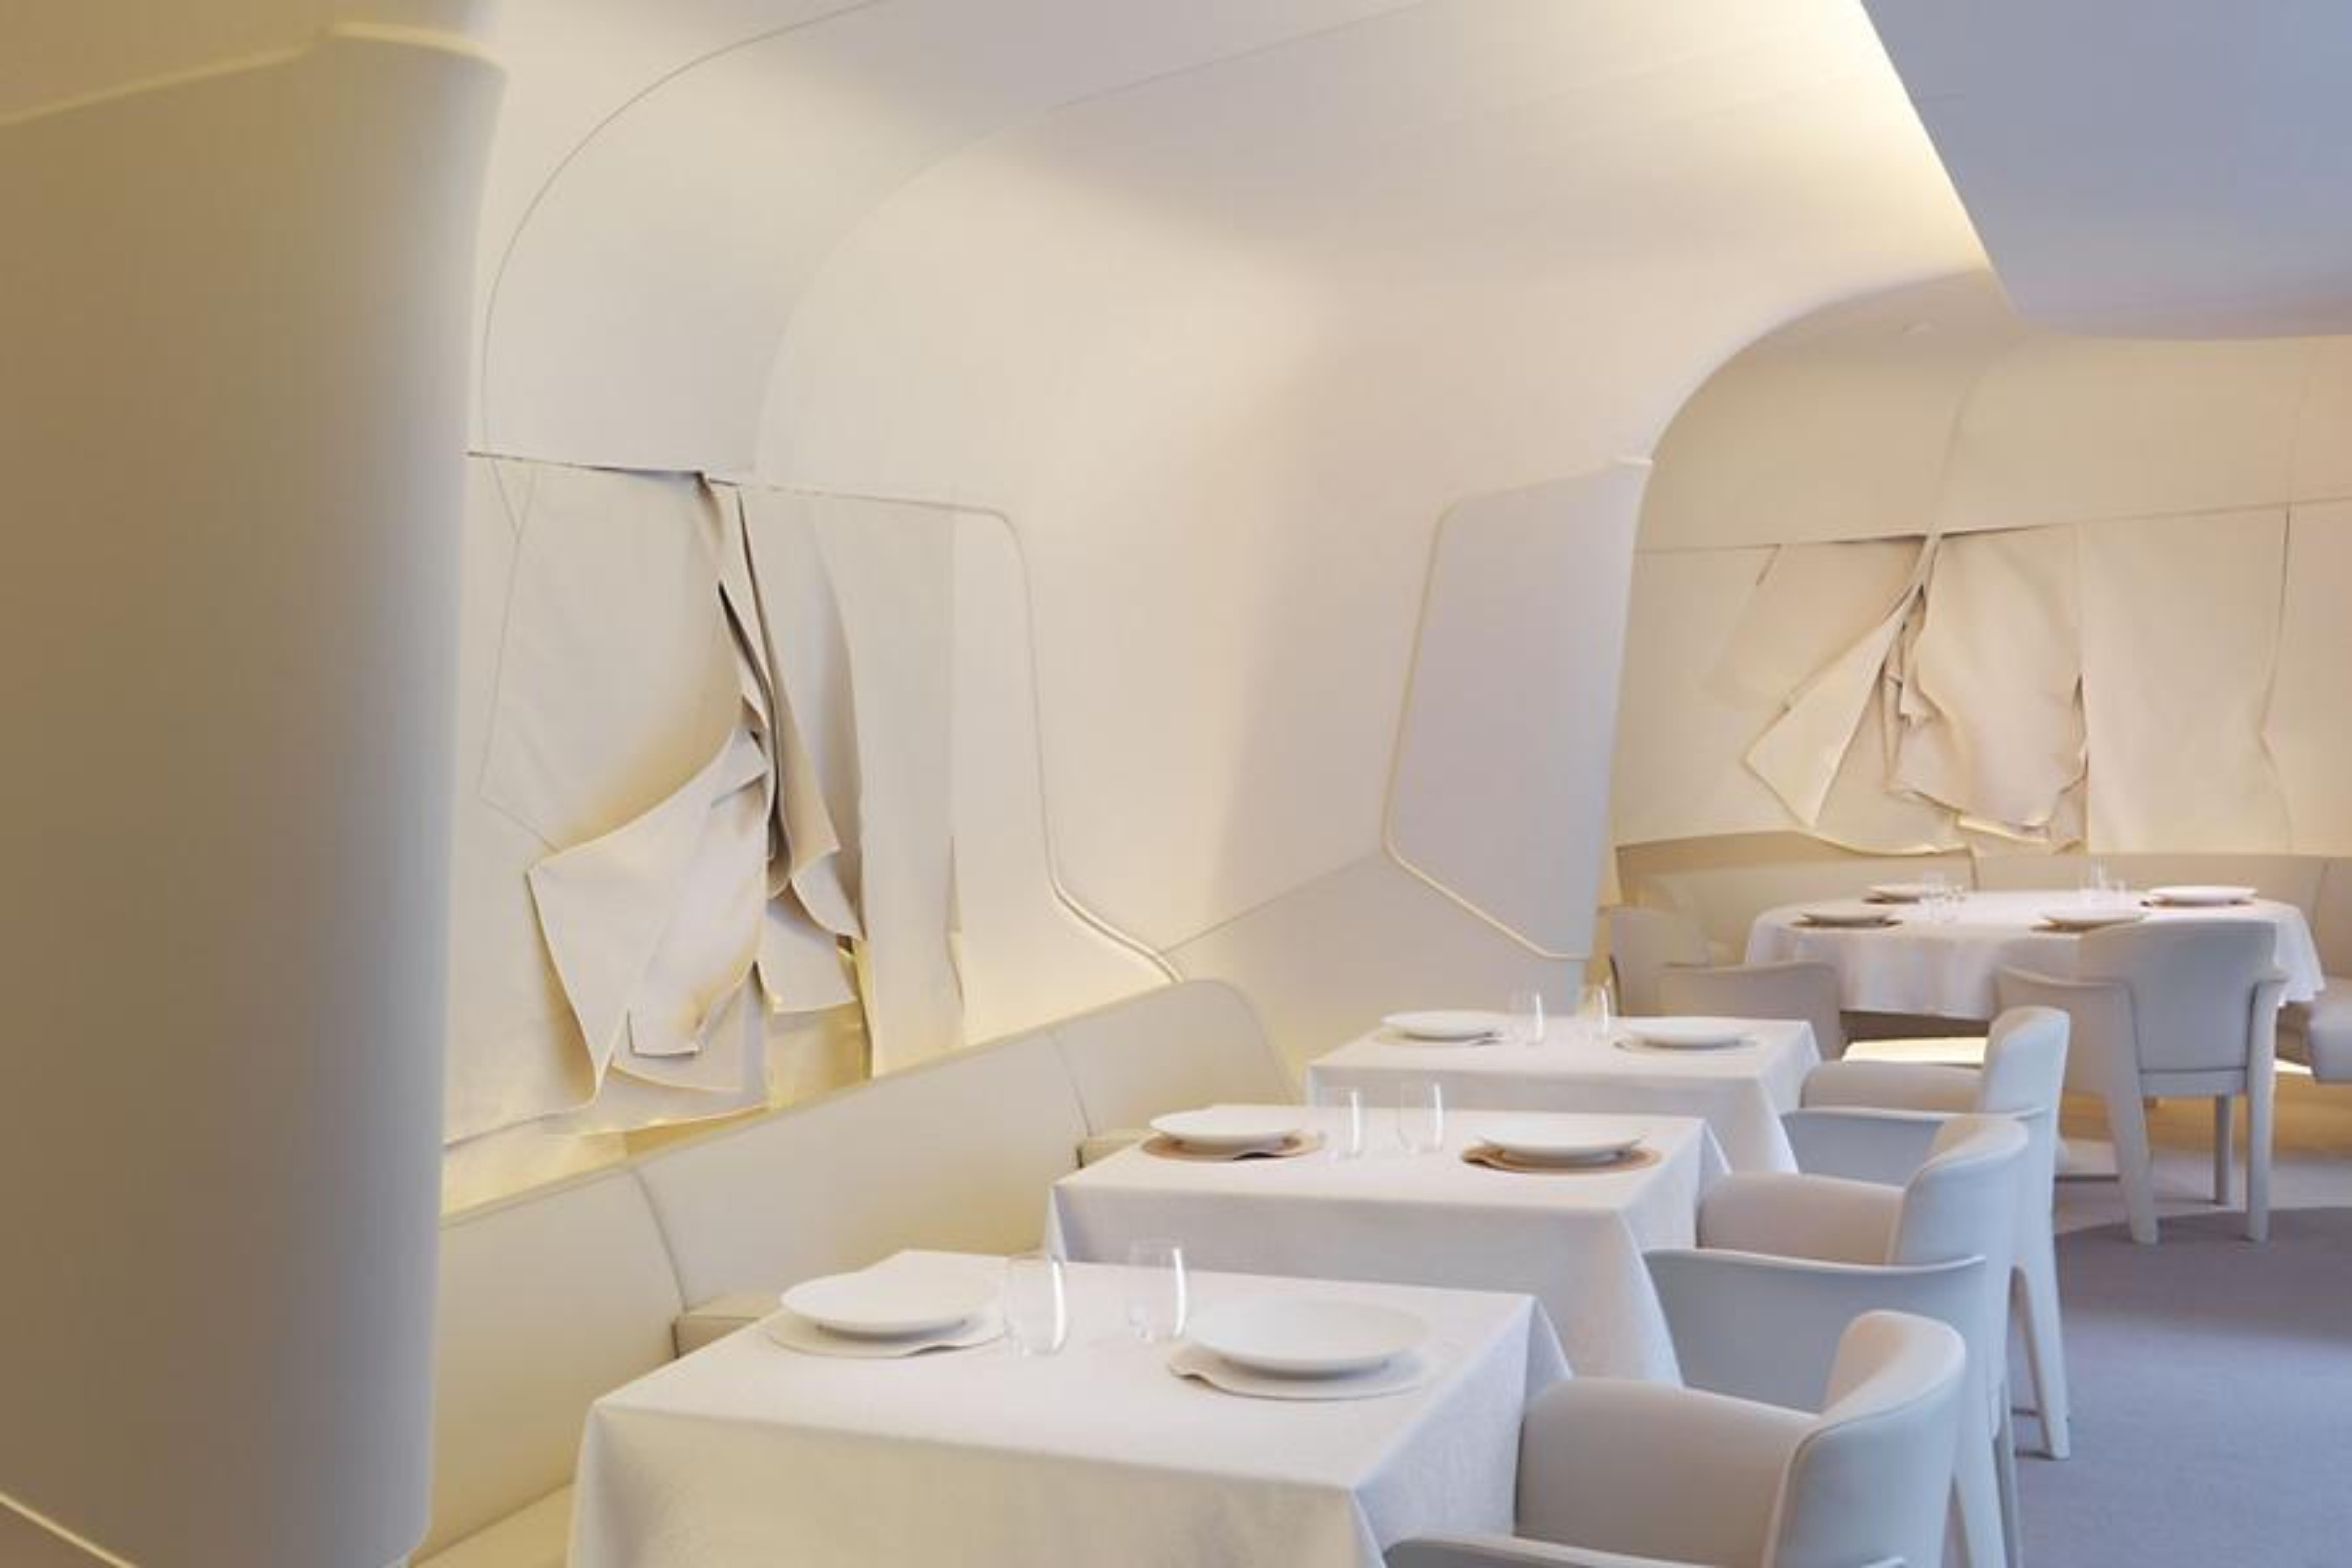 equiphotel EquipHotel: The Interior Design Event You Must Visit paris hotel restaurant sur mesure par thierry marx 7